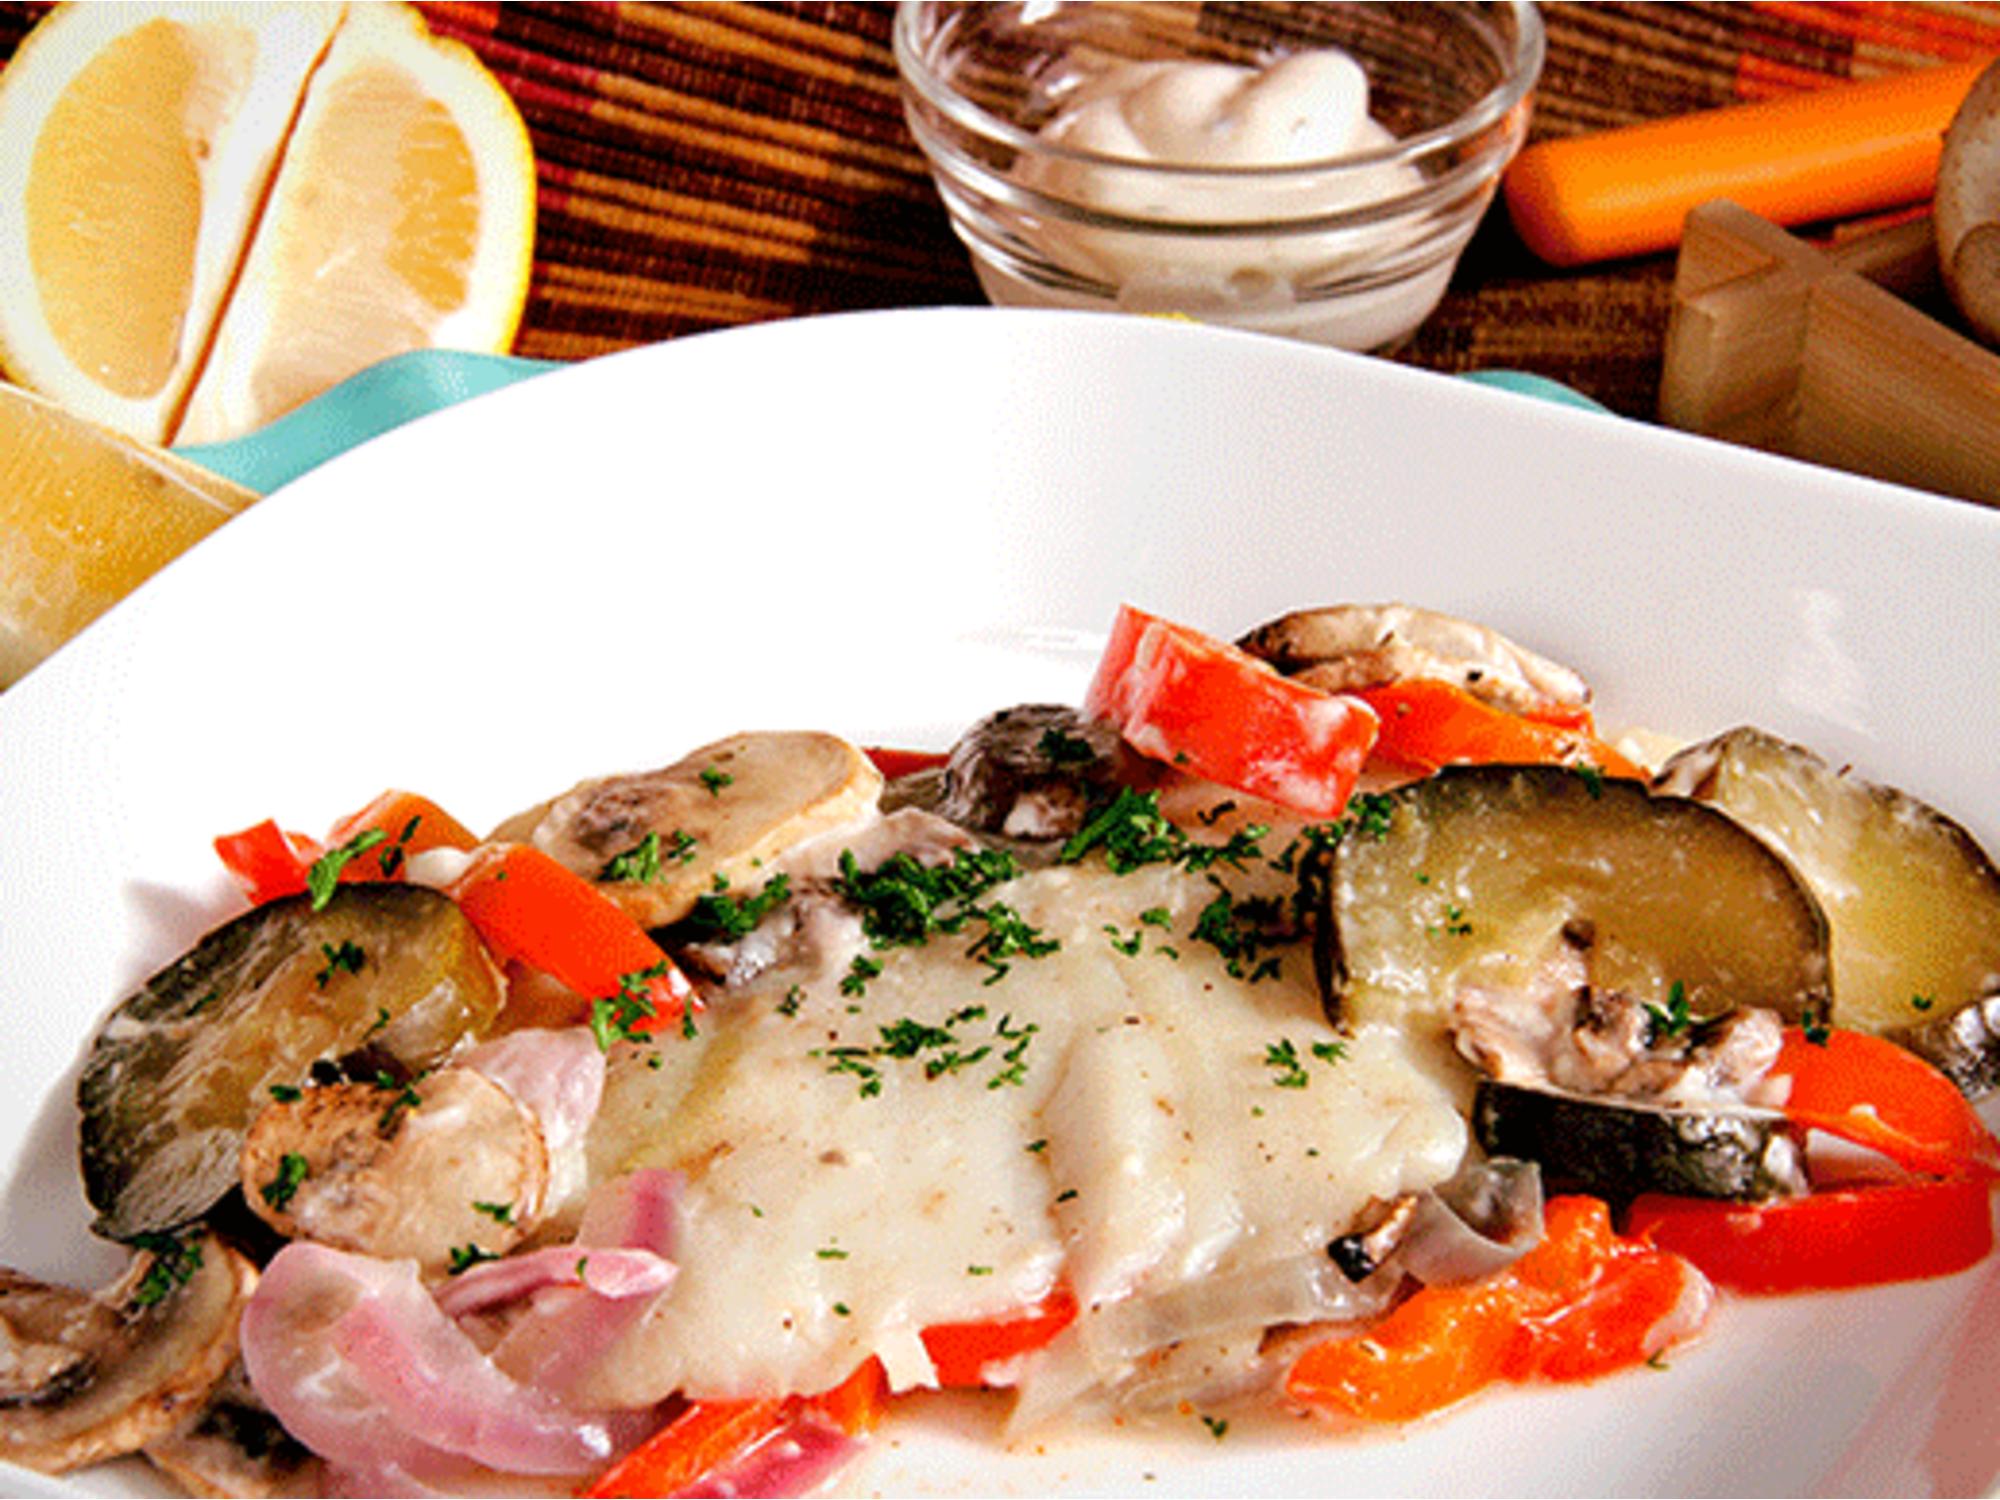 Filete de pescado blanco en salsa de tomate Fruco